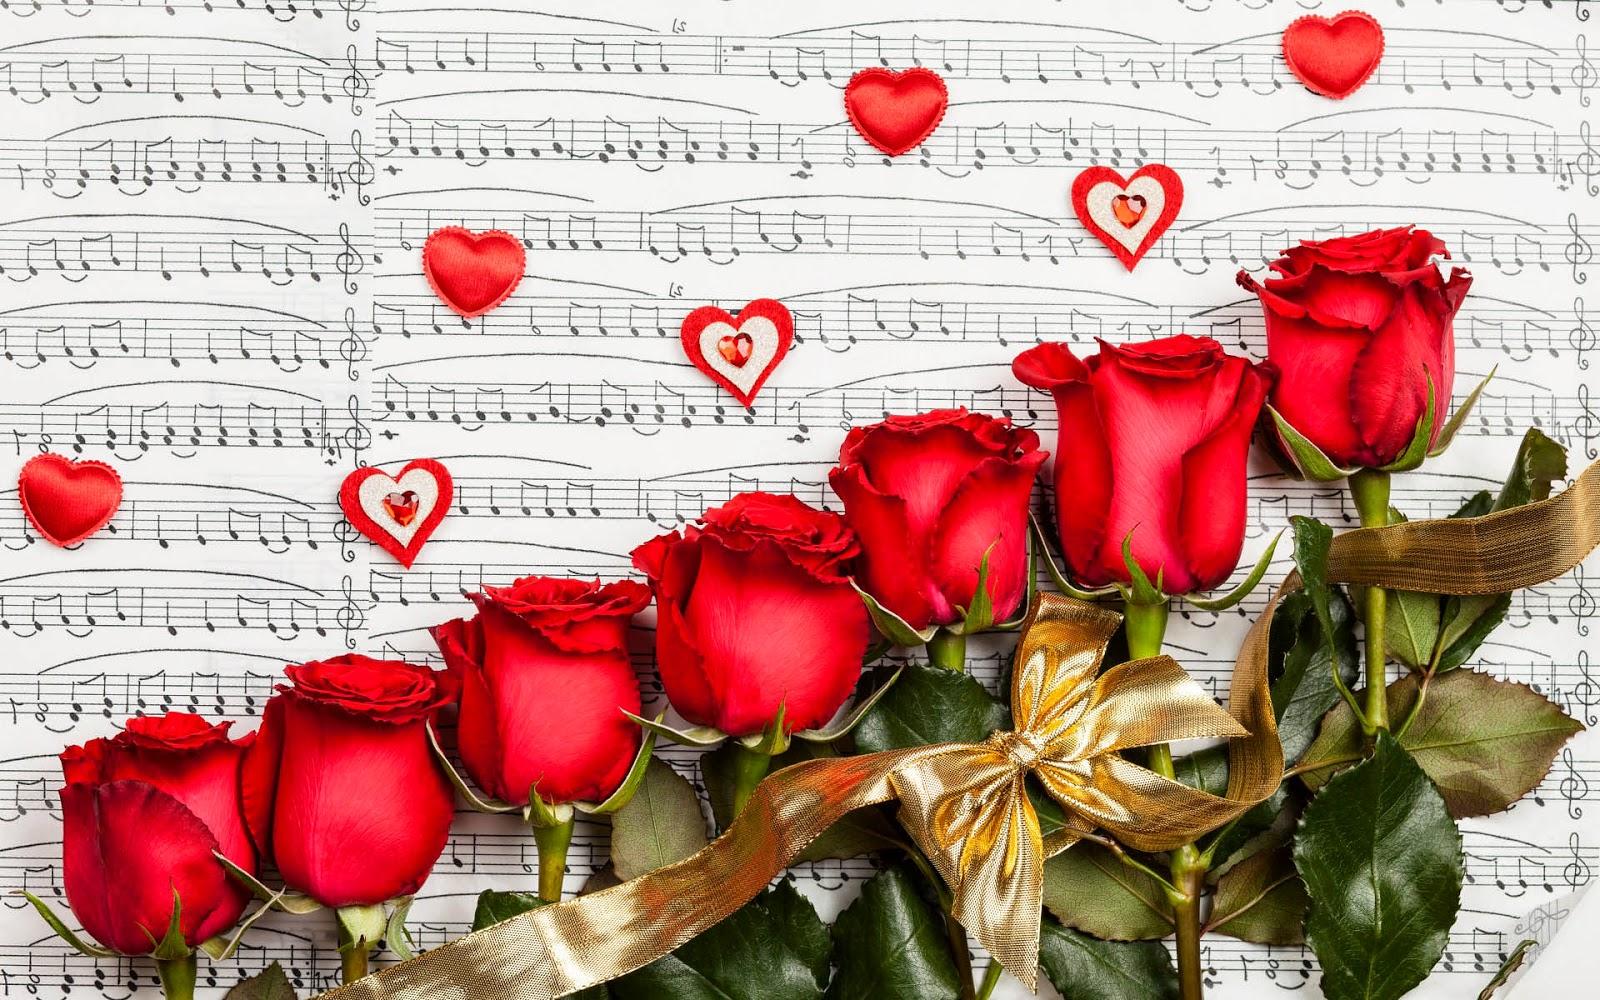 Afbeelding met bladmuziek, muzieknoten, rode rozen en liefdes hartjes